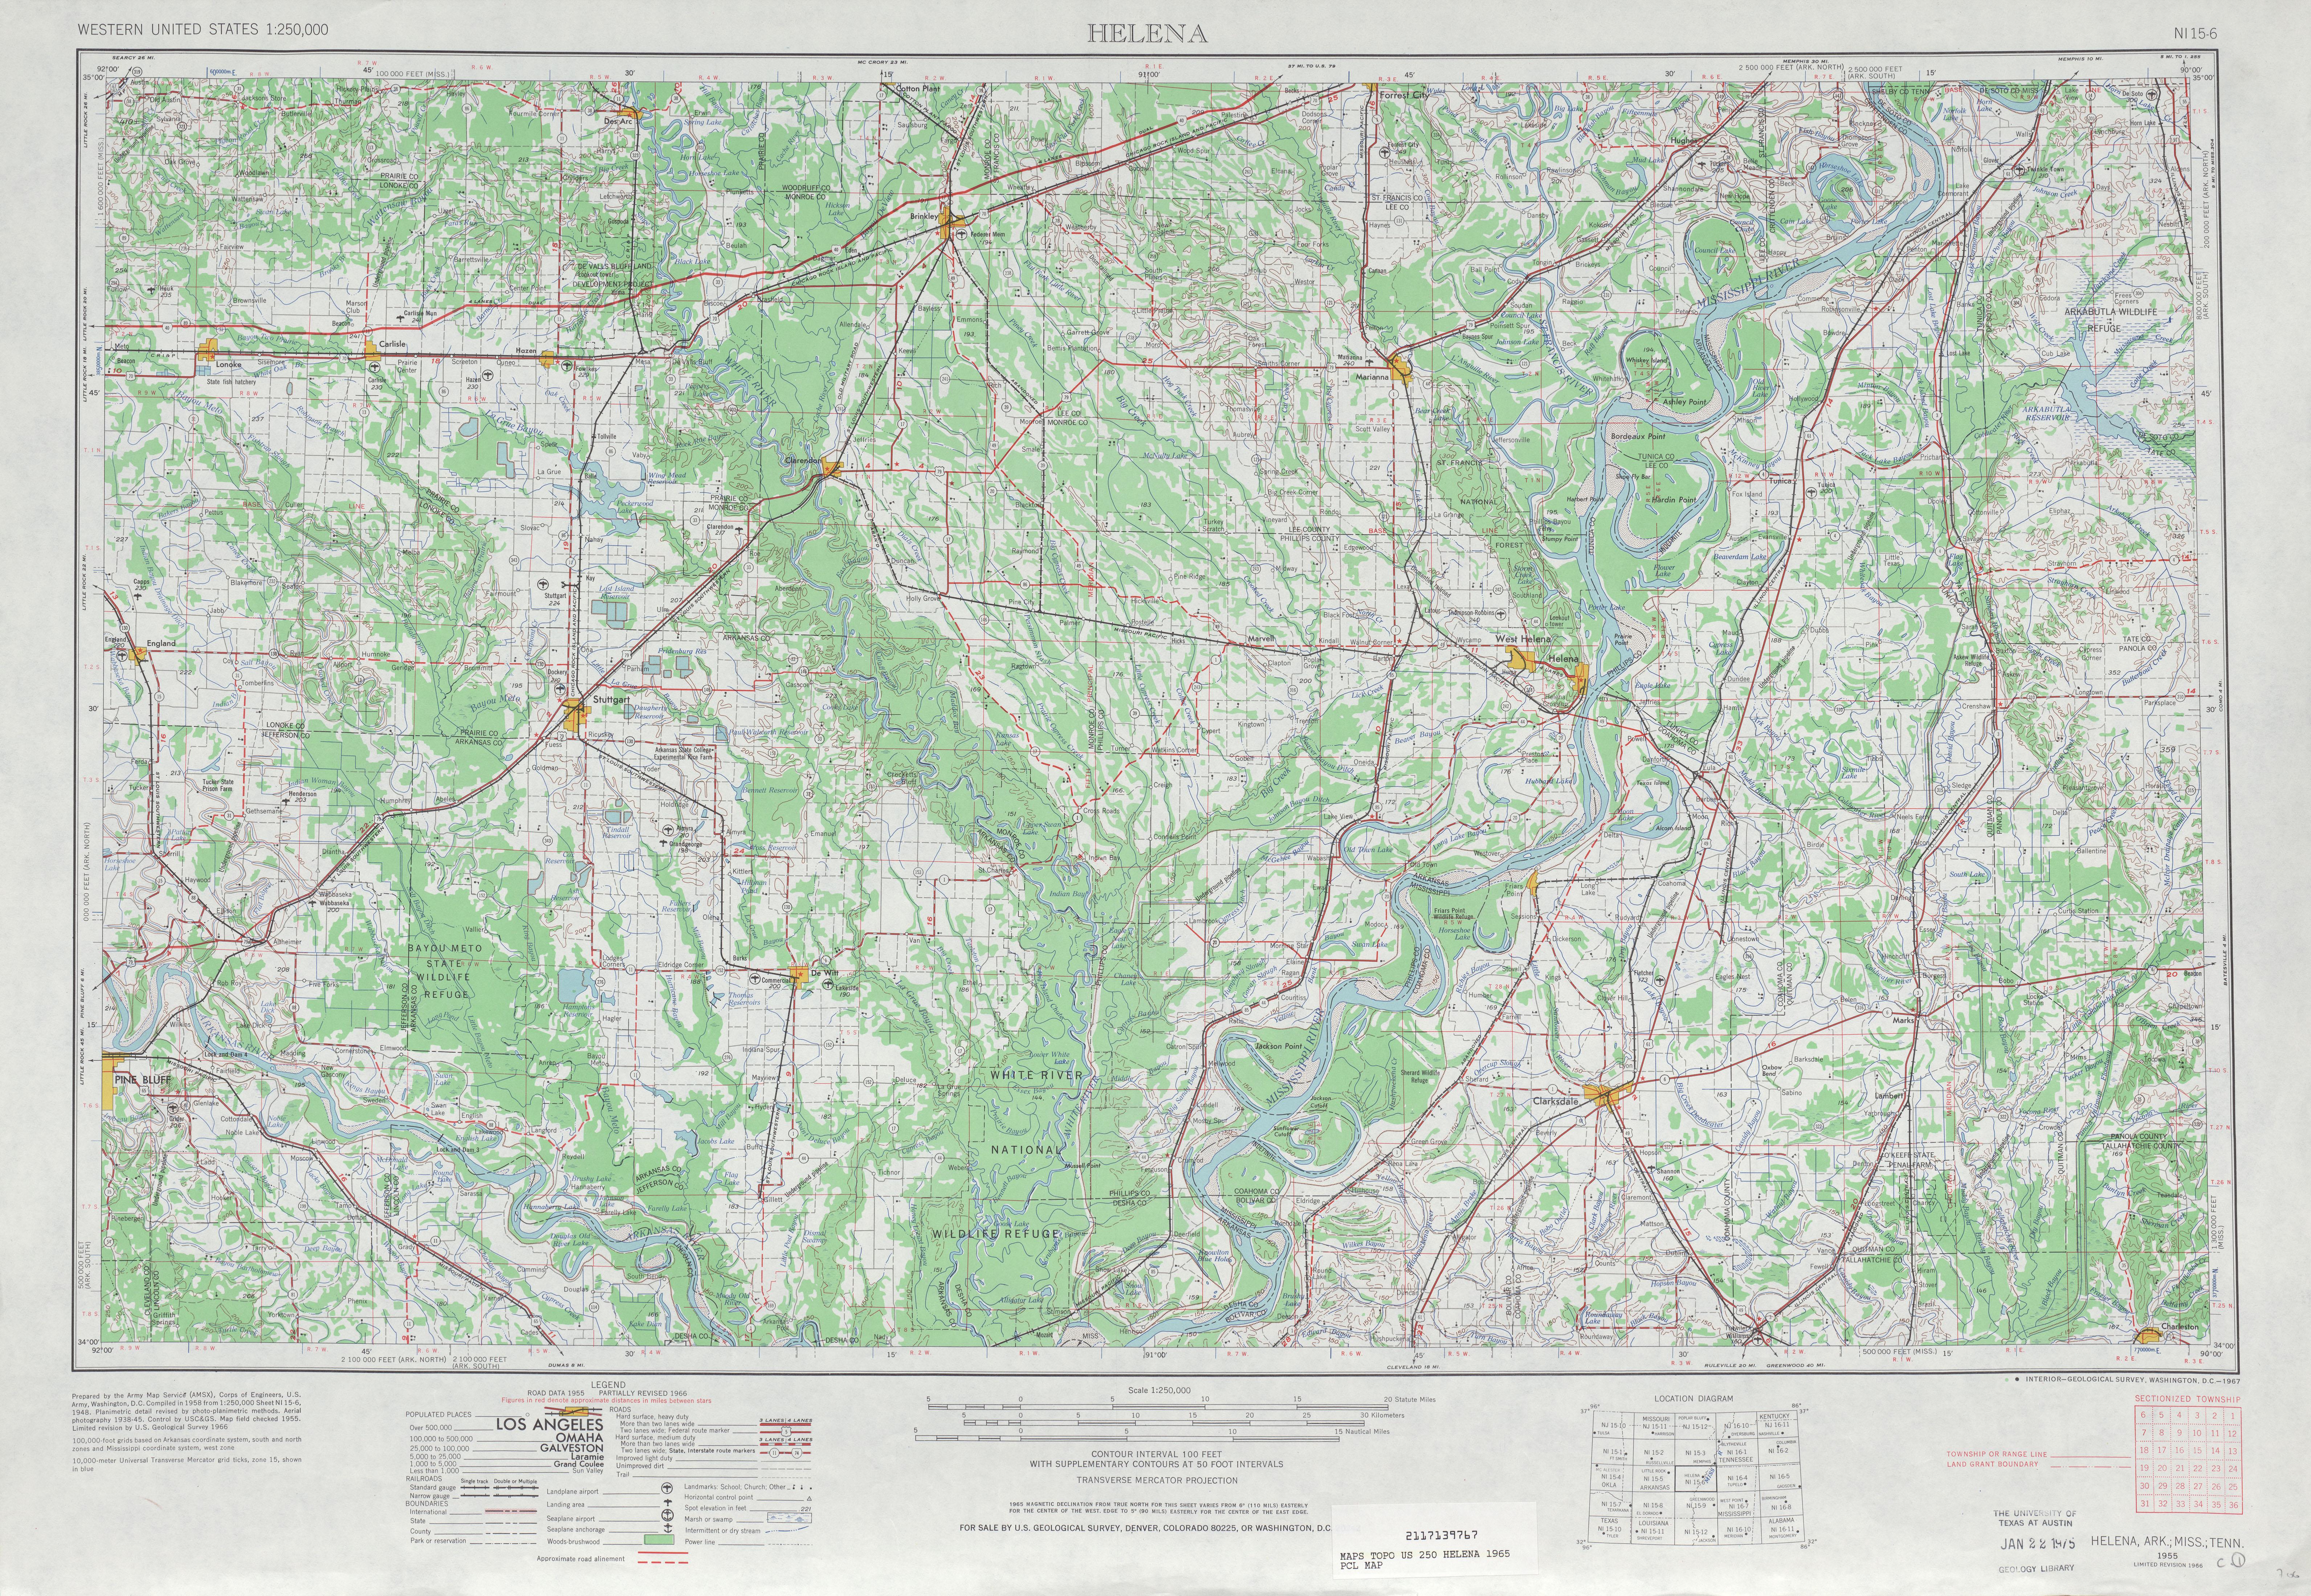 Hoja Helena del Mapa Topográfico de los Estados Unidos 1965